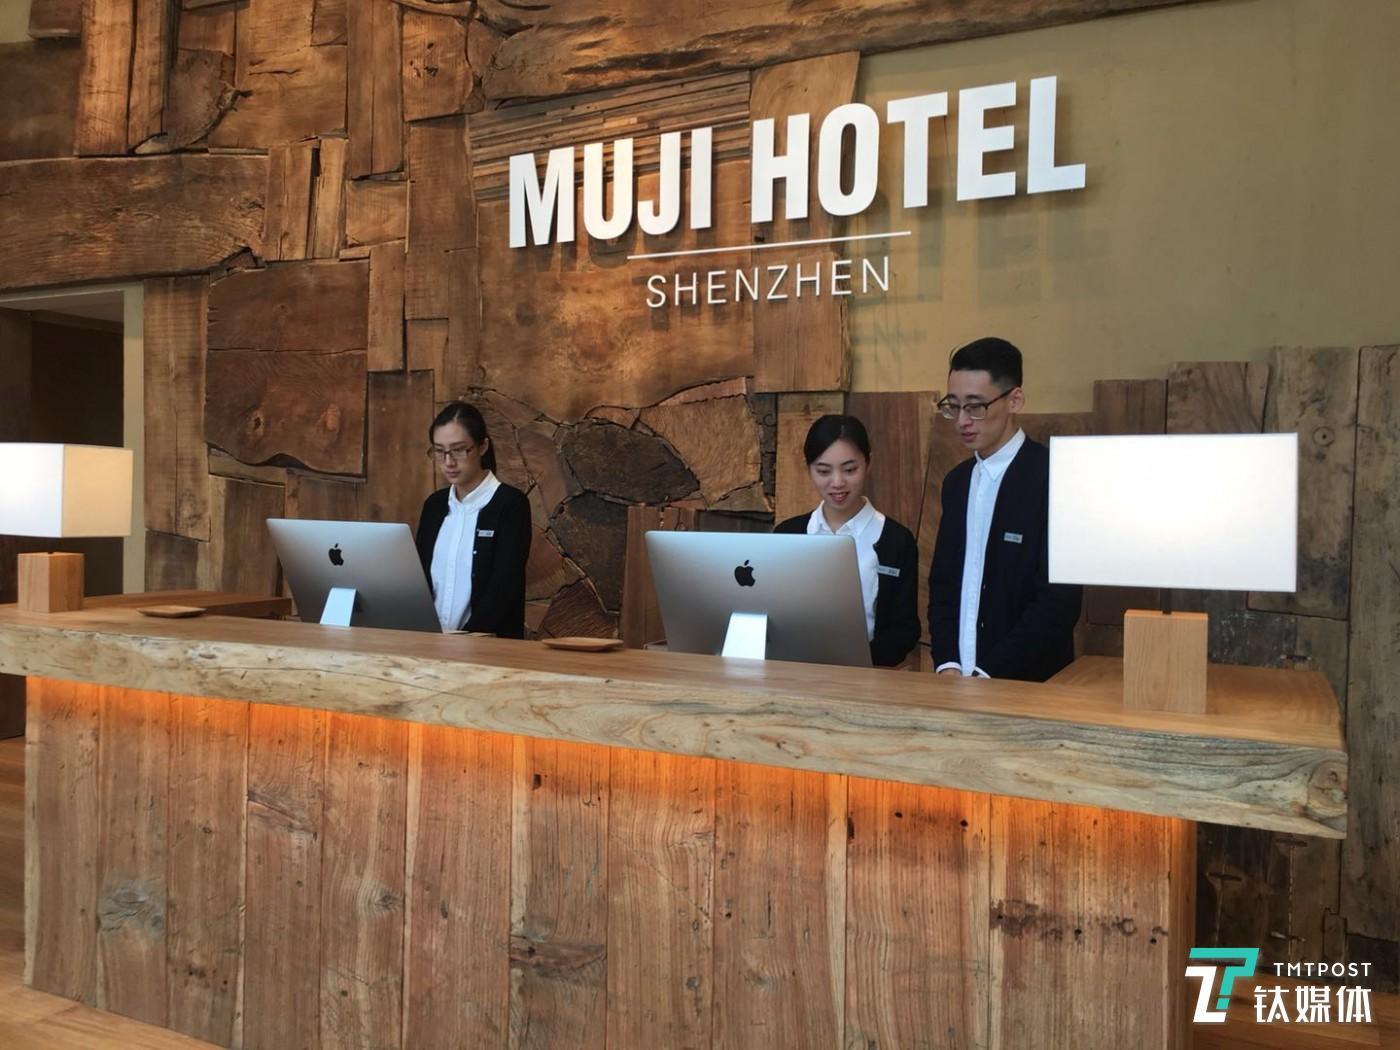 由翻新后的旧木装潢的 MUJI HOTEL 大堂。